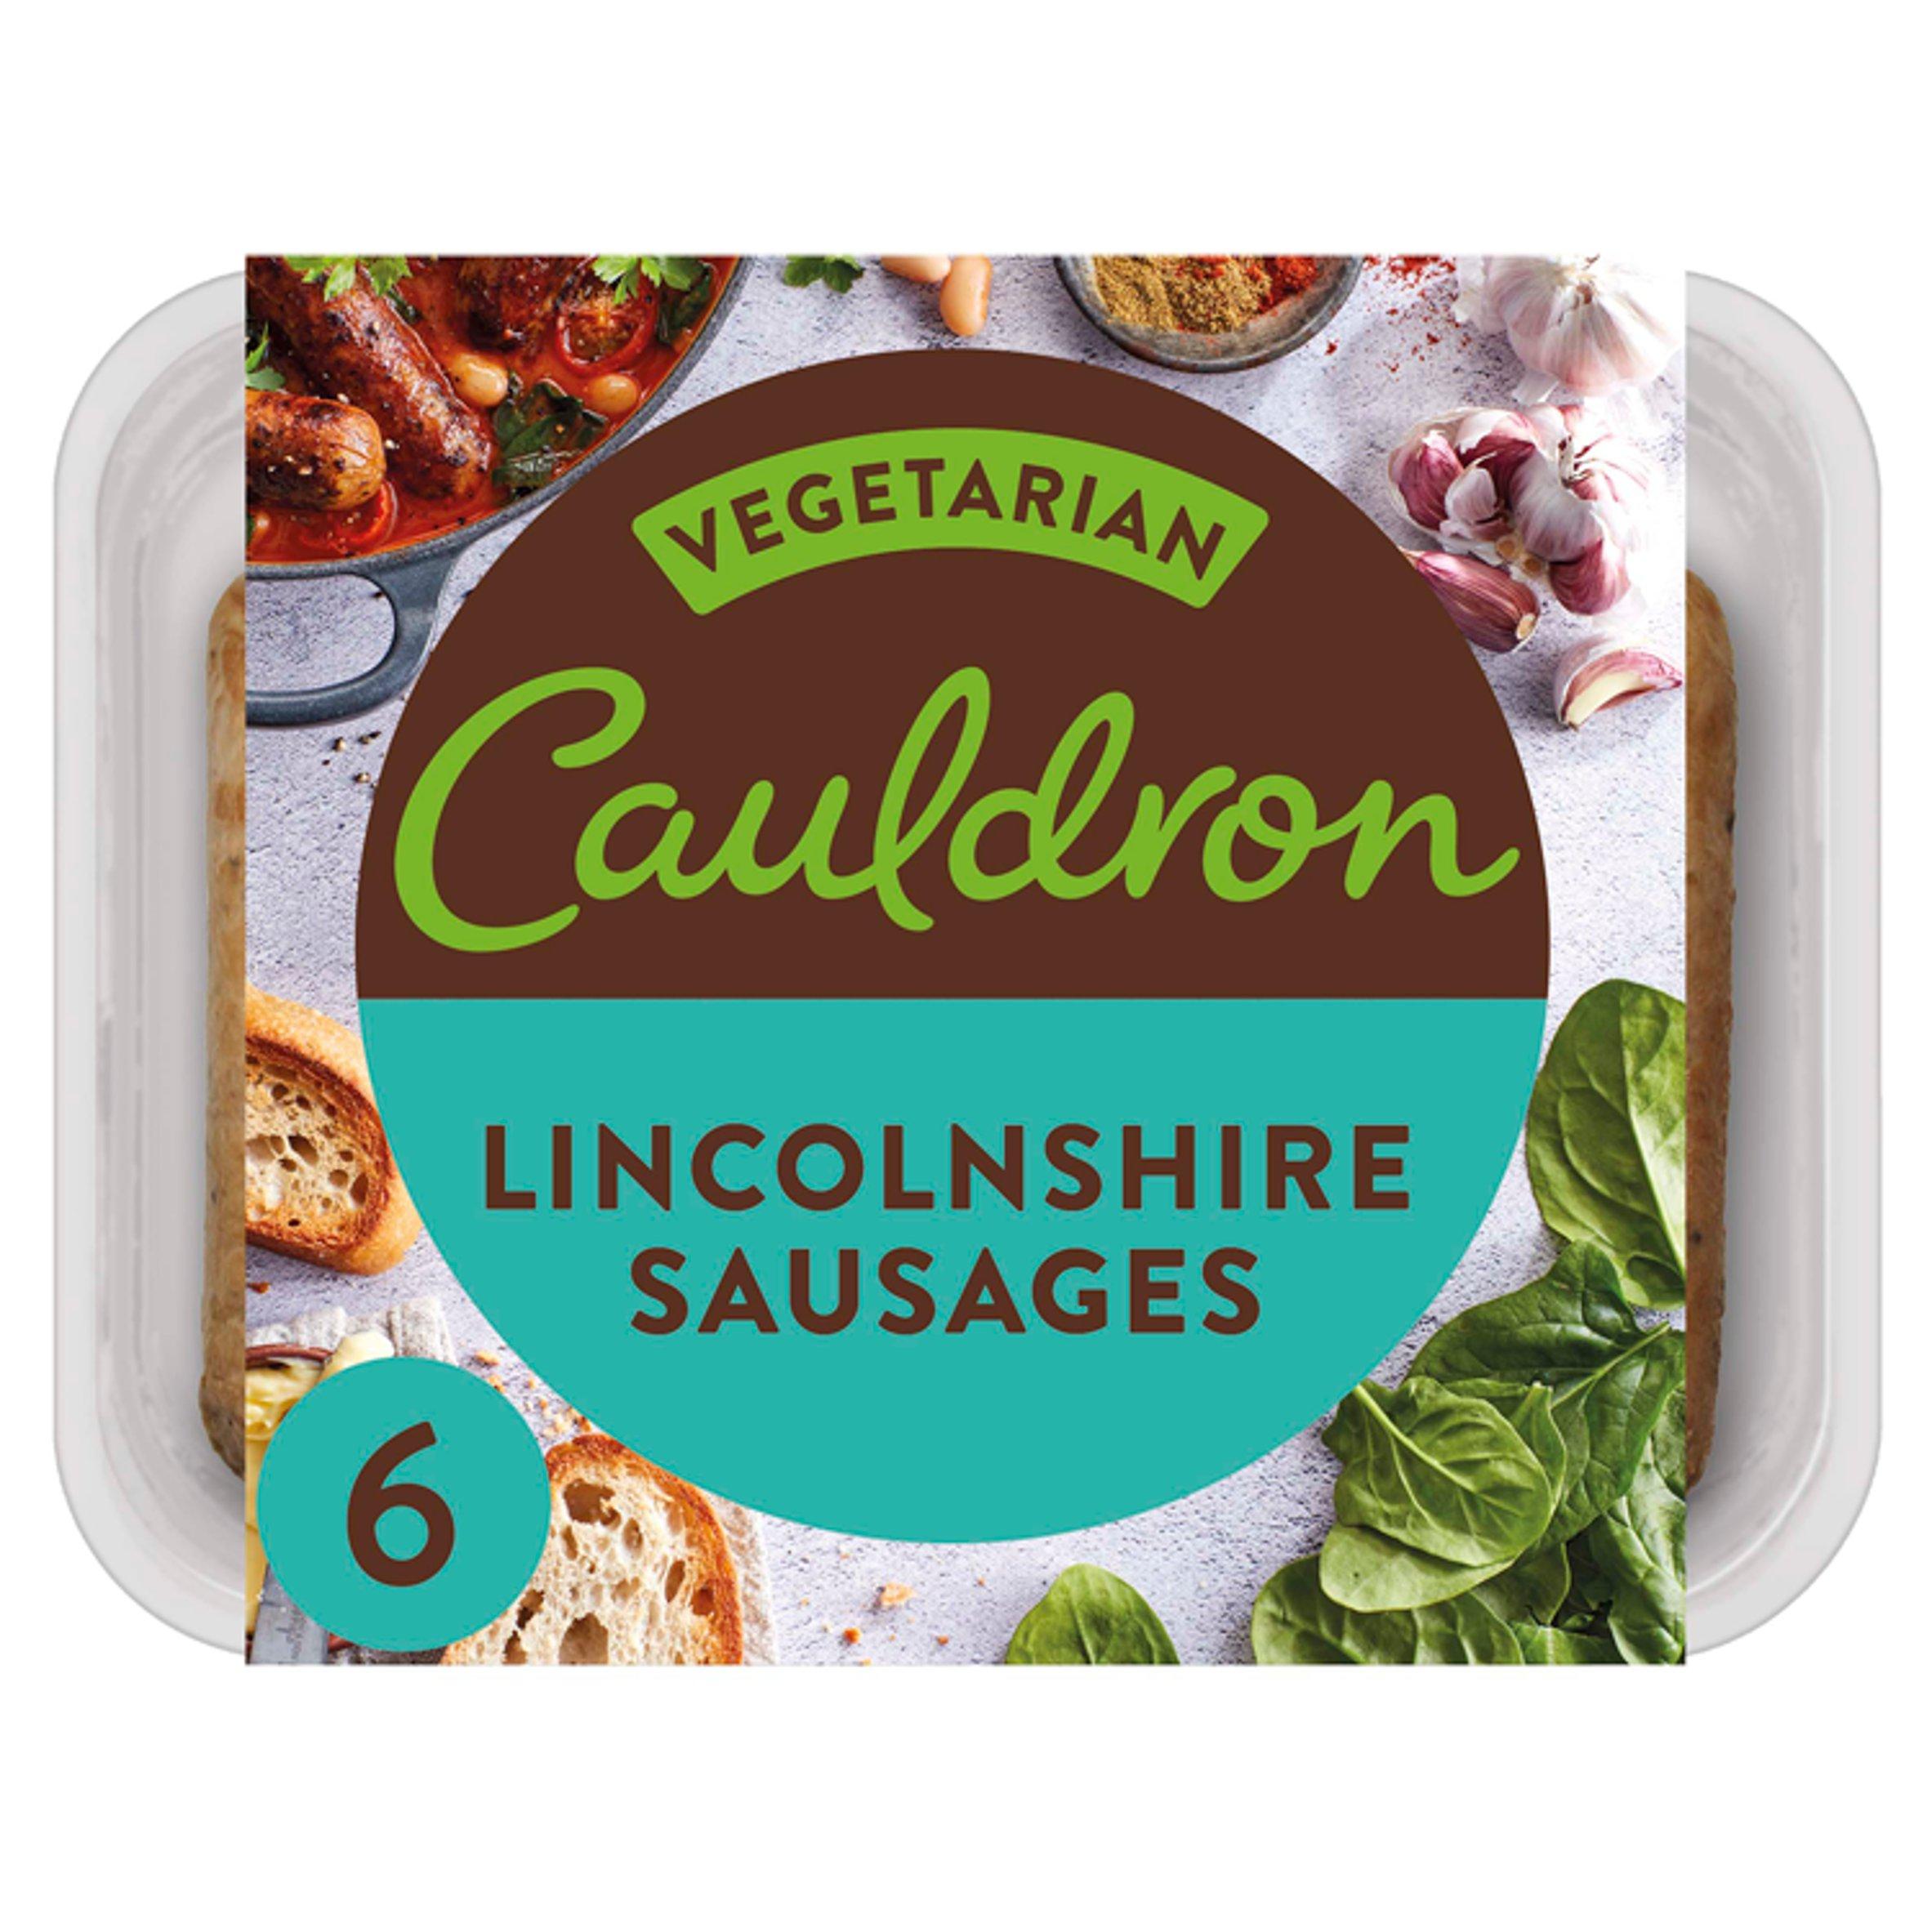 Cauldron 6 Lincolnshire Sausages 276G